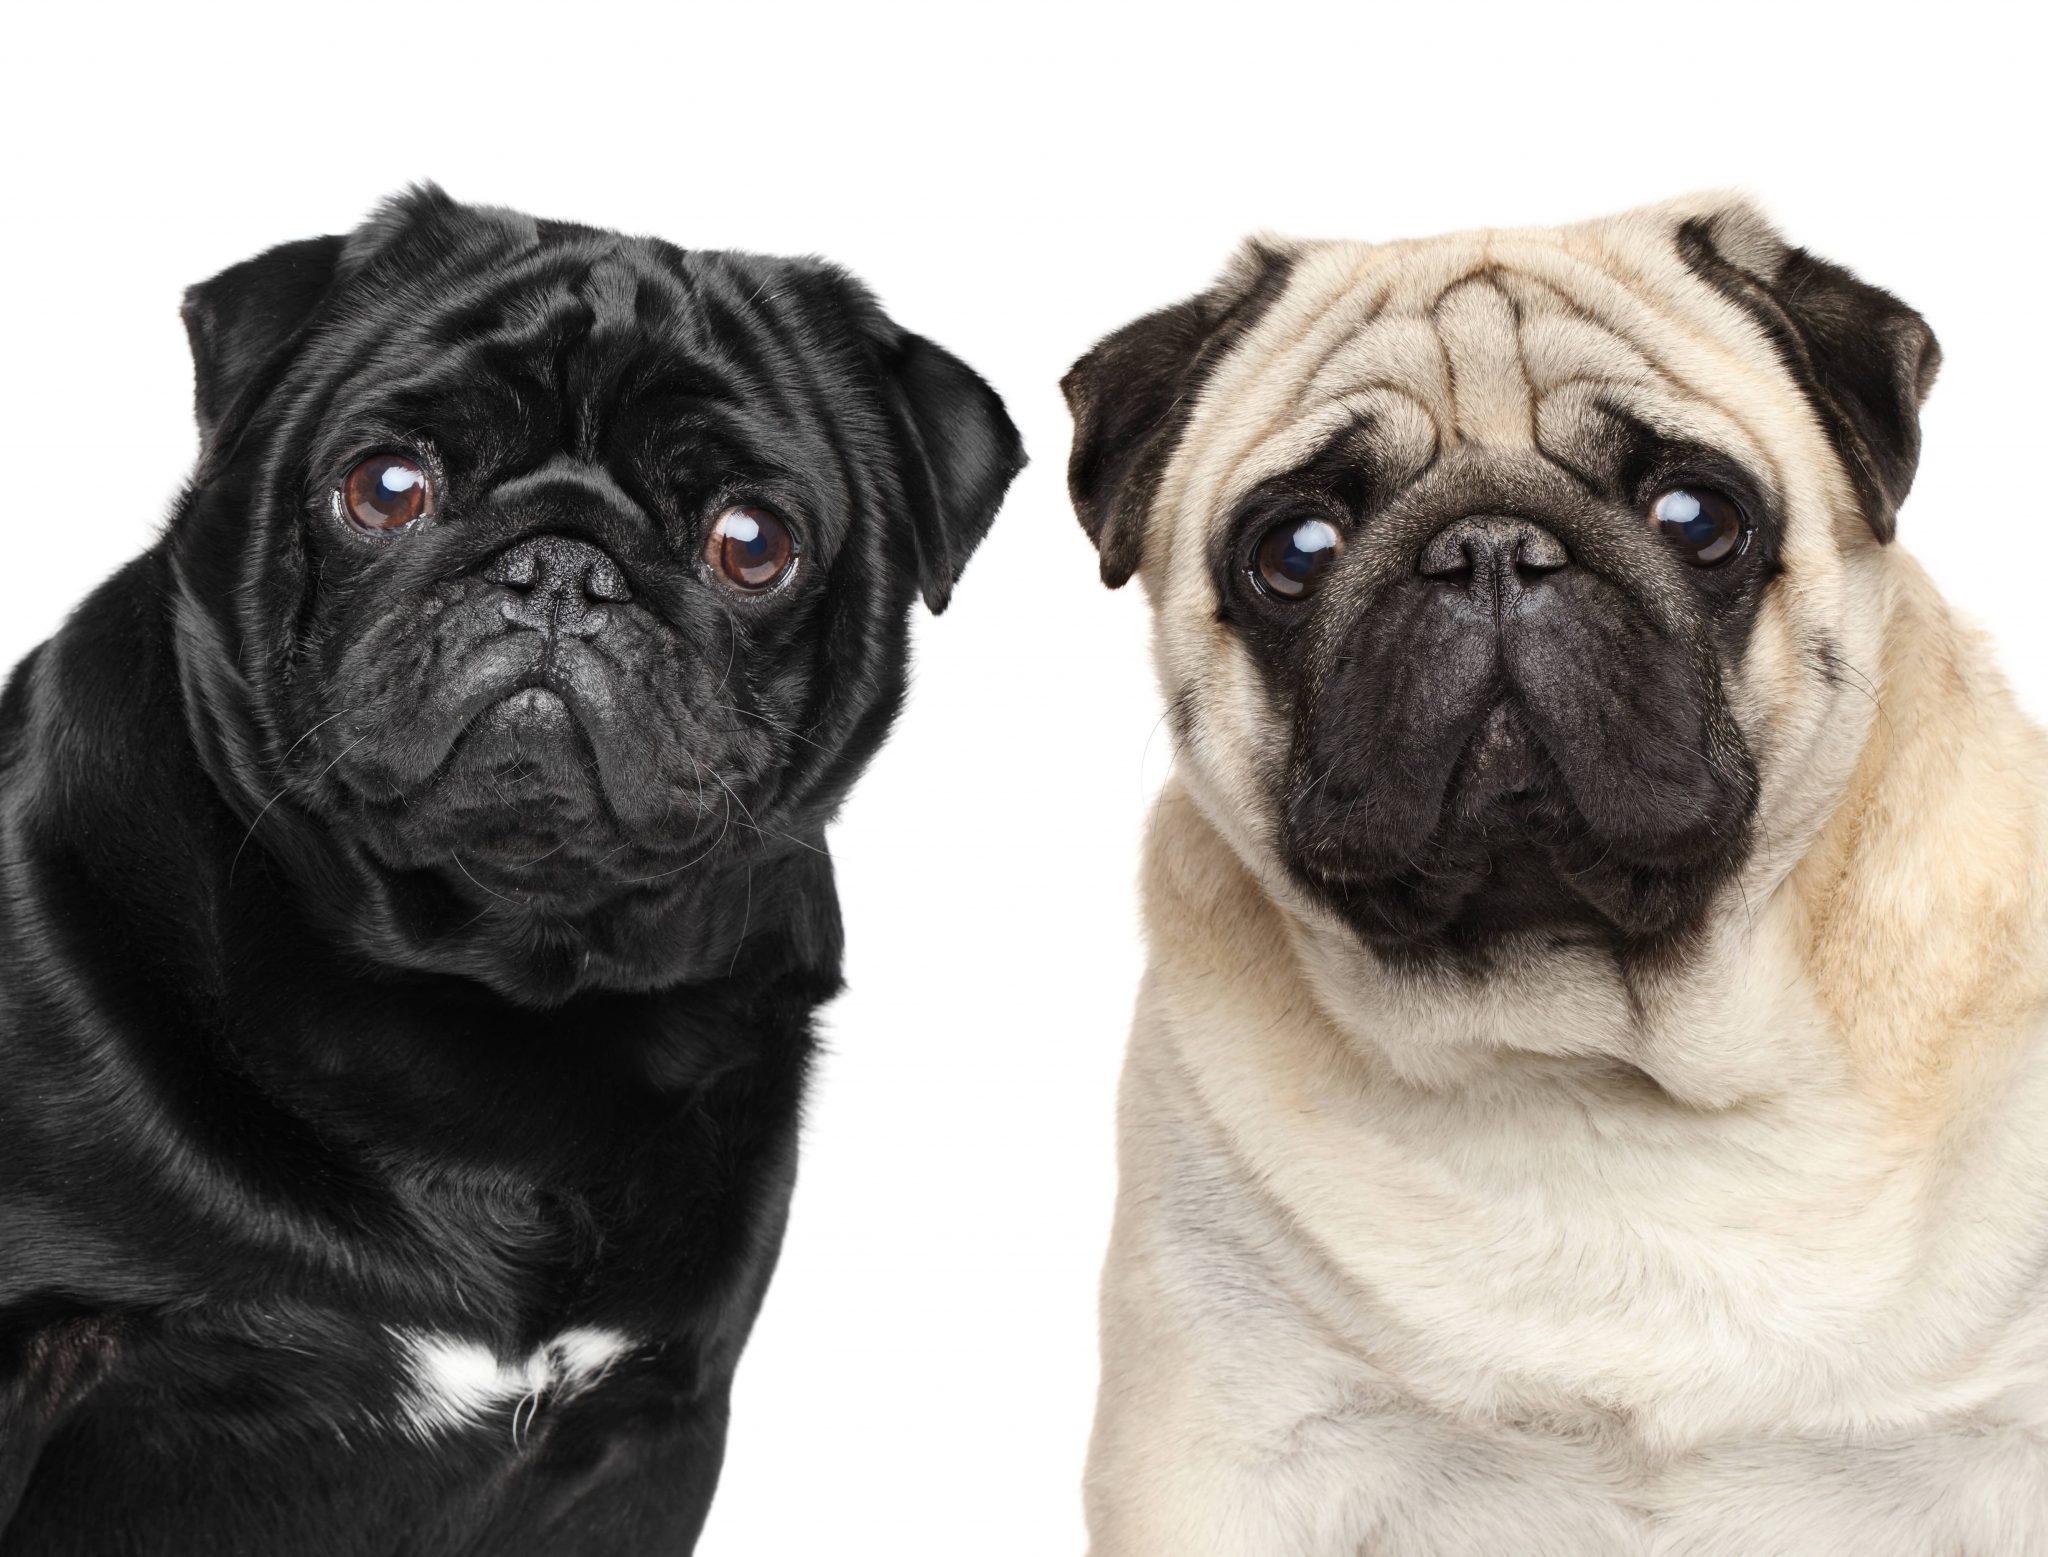 しわのある犬種のお手入れ方法とは?パグやフレンチブルドッグなどを飼っている人必見です! | NEWSCAST